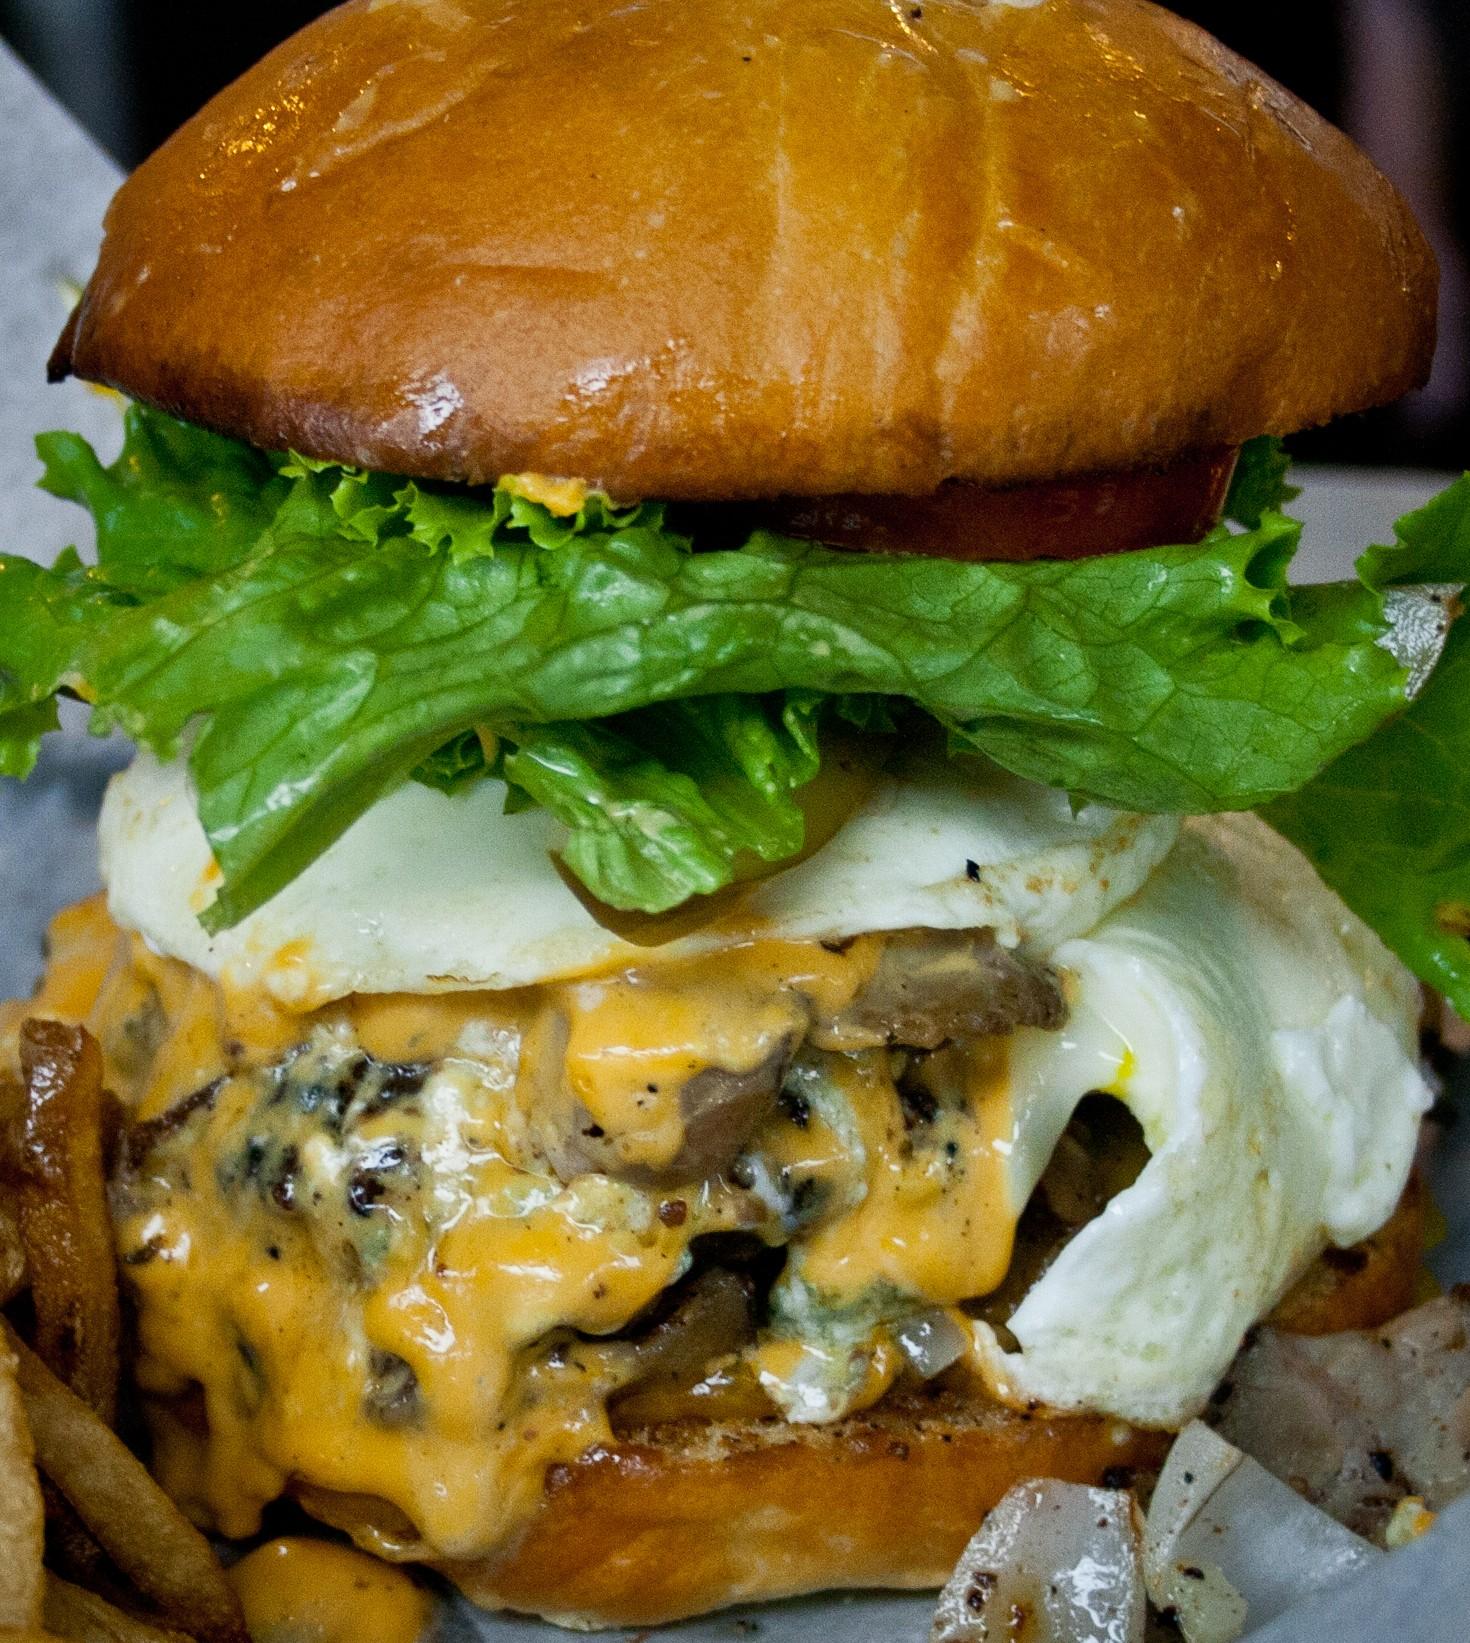 Fatass burger from Oblivion